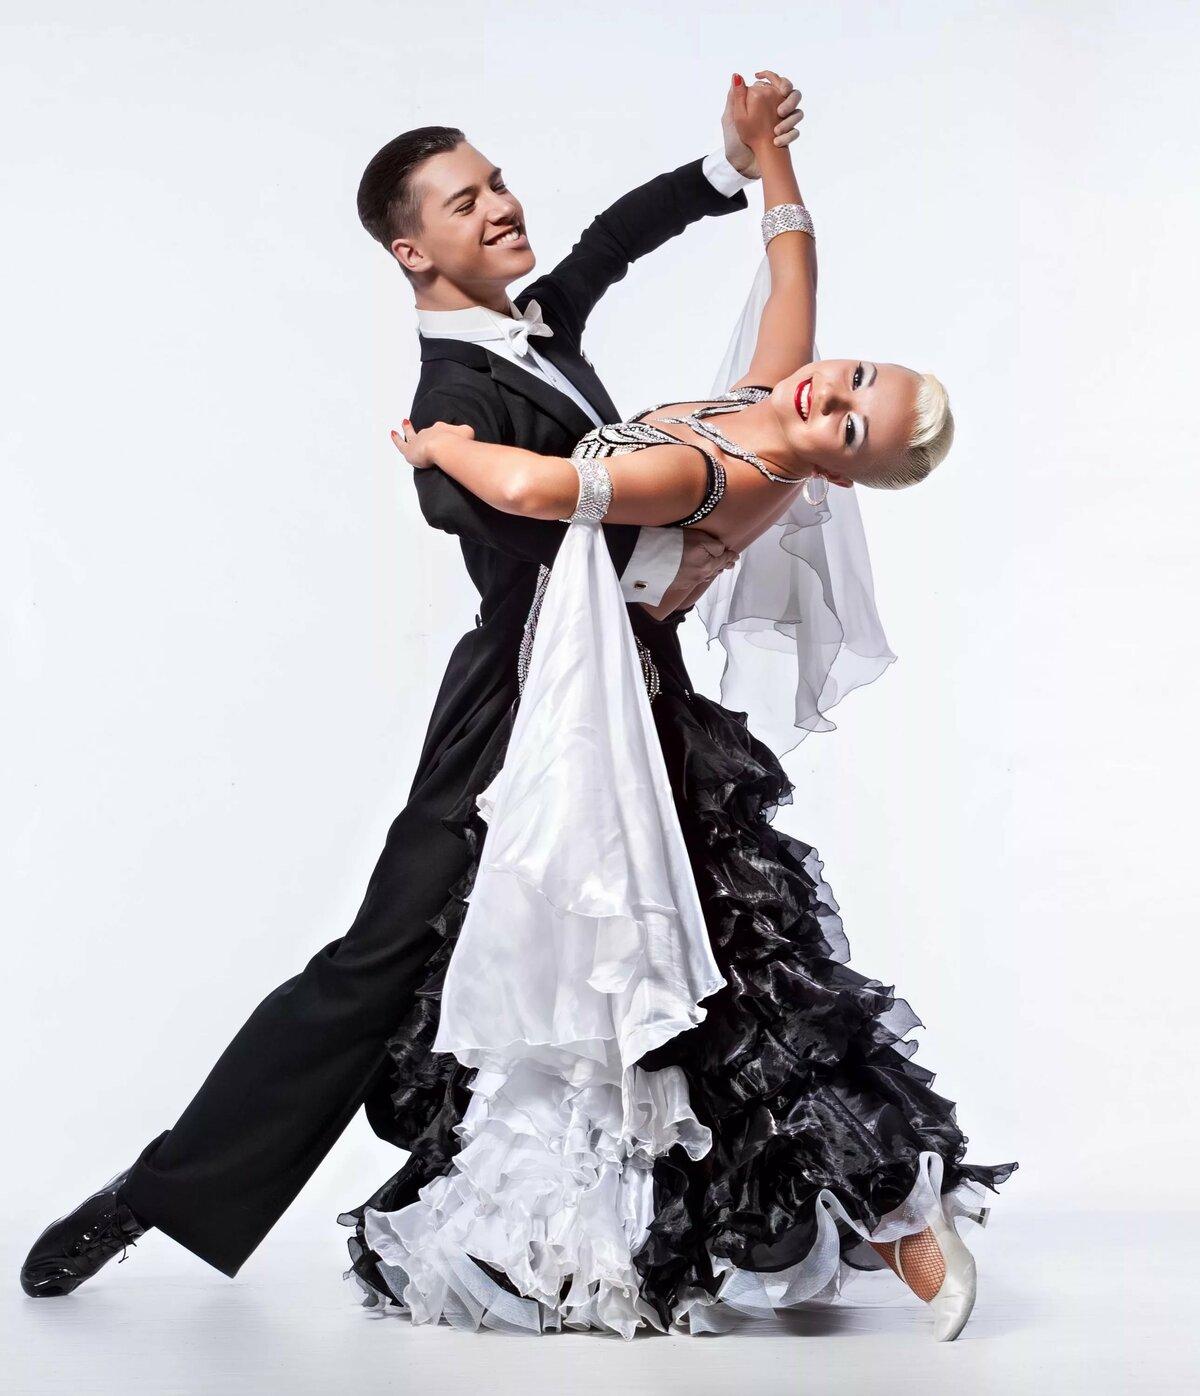 Картинка профессии танцор